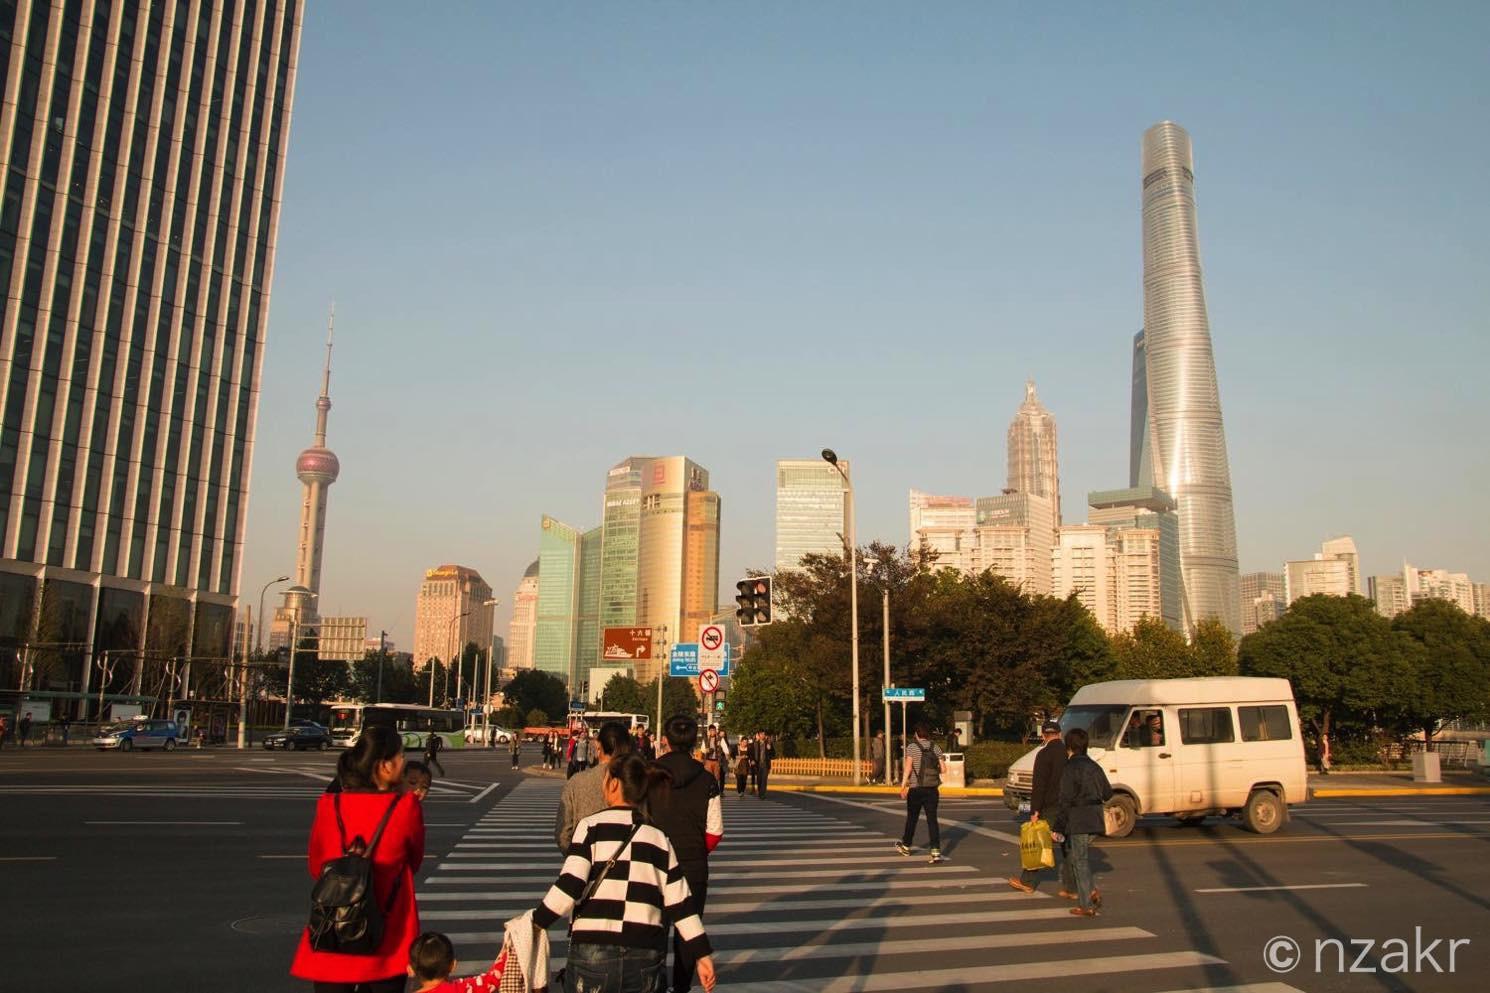 上海のテレビ塔